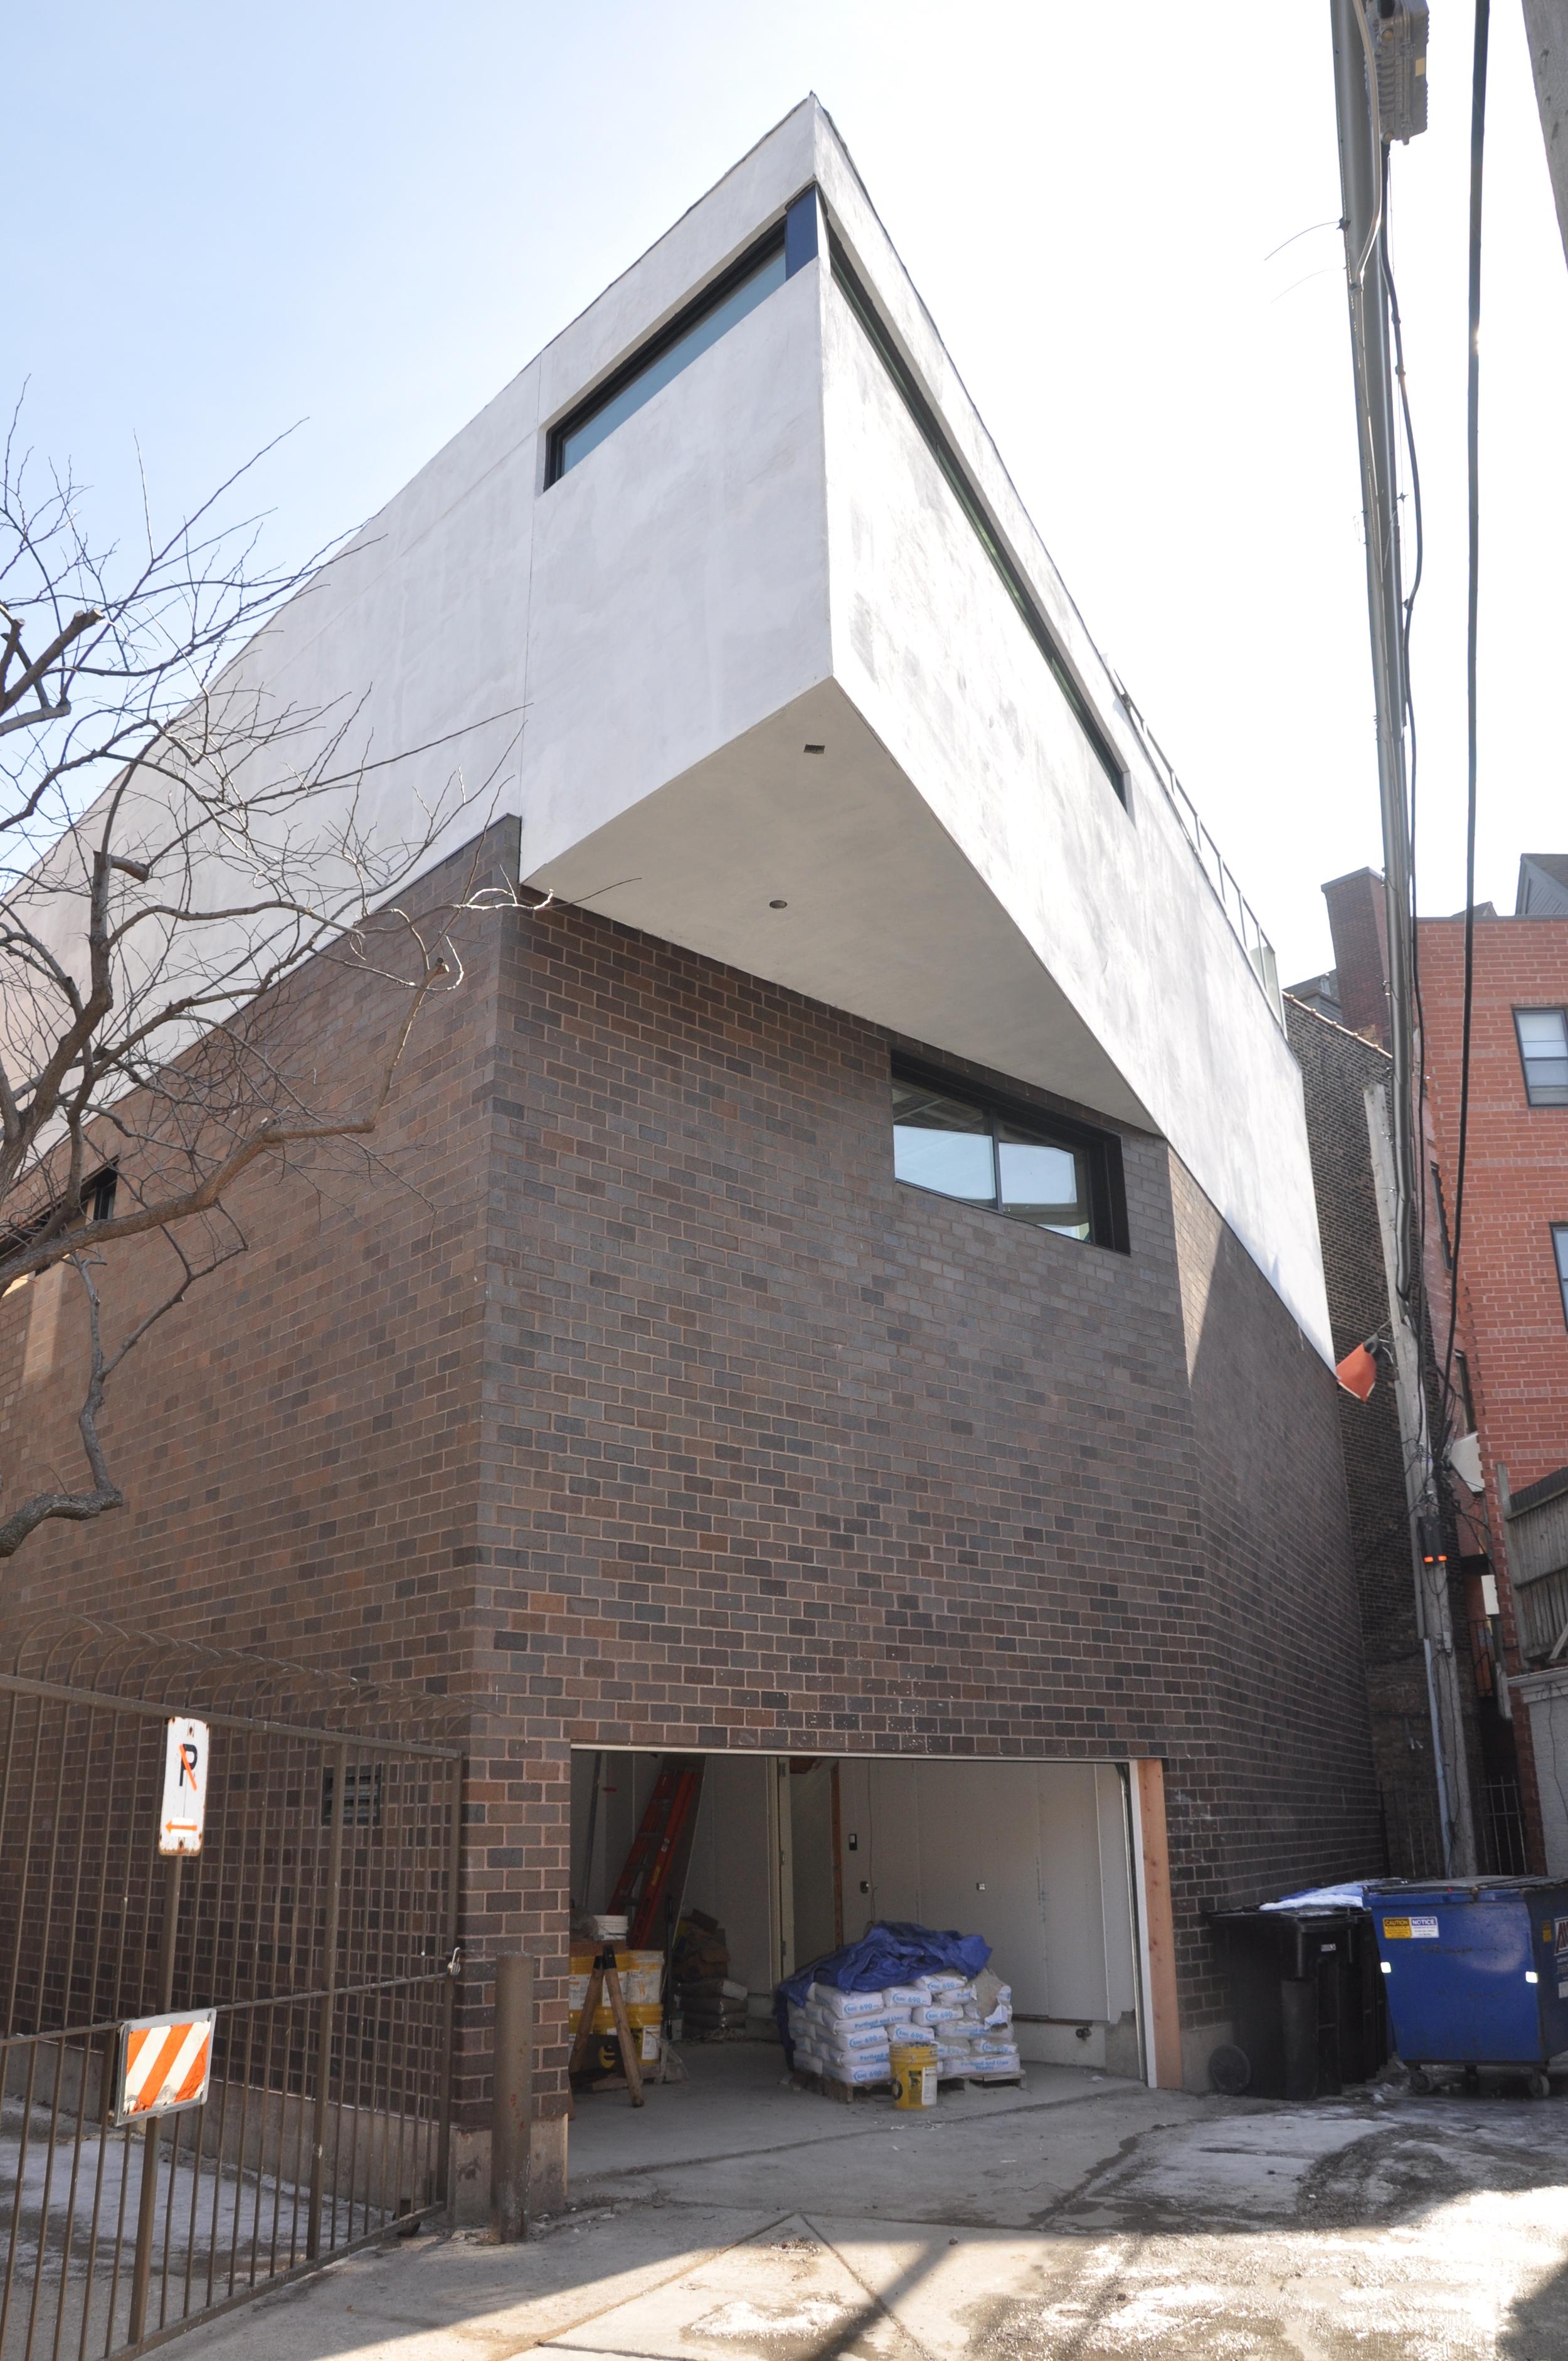 016 - n geneva residence.JPG